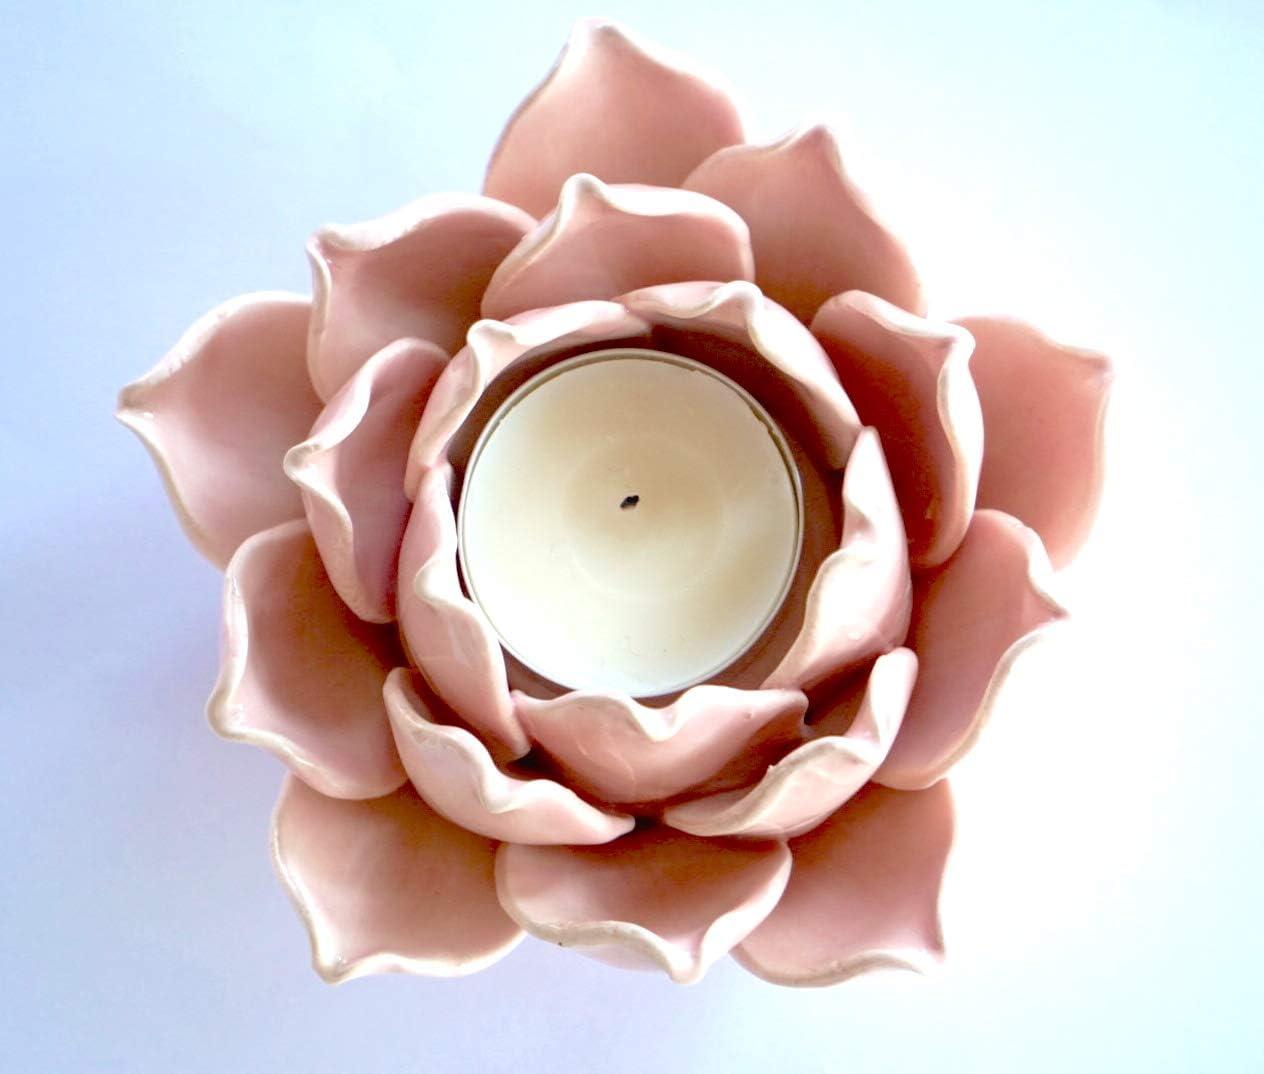 Ceramic Flower Shape Candle Holder Tea Lights Holder Home Table Top Decoration Lotus Pink Home Kitchen